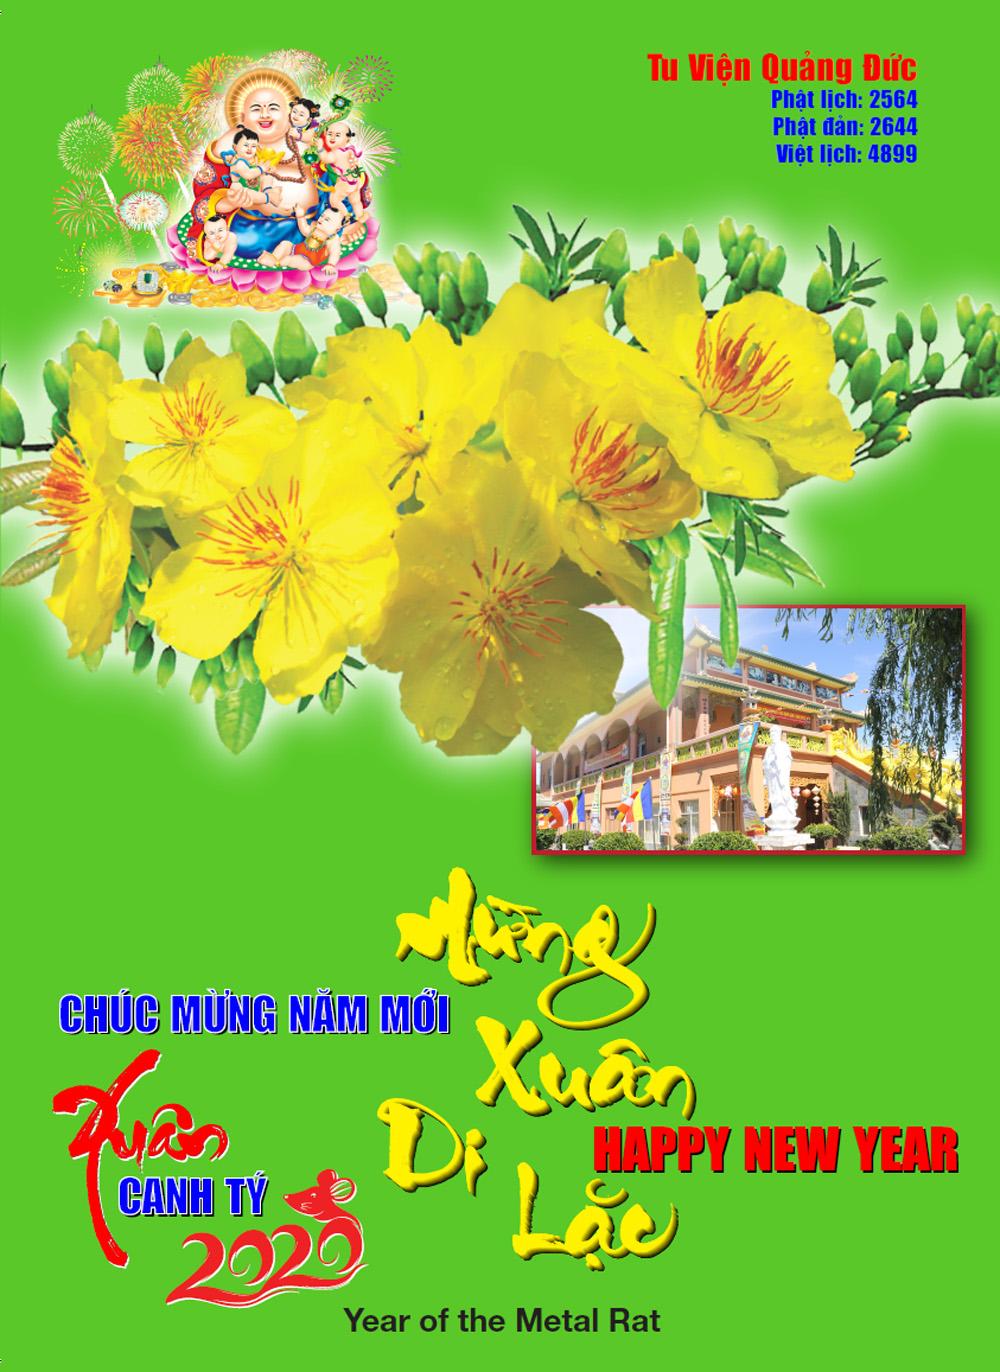 Thiep Xuan Tu Vien Quang Duc_1